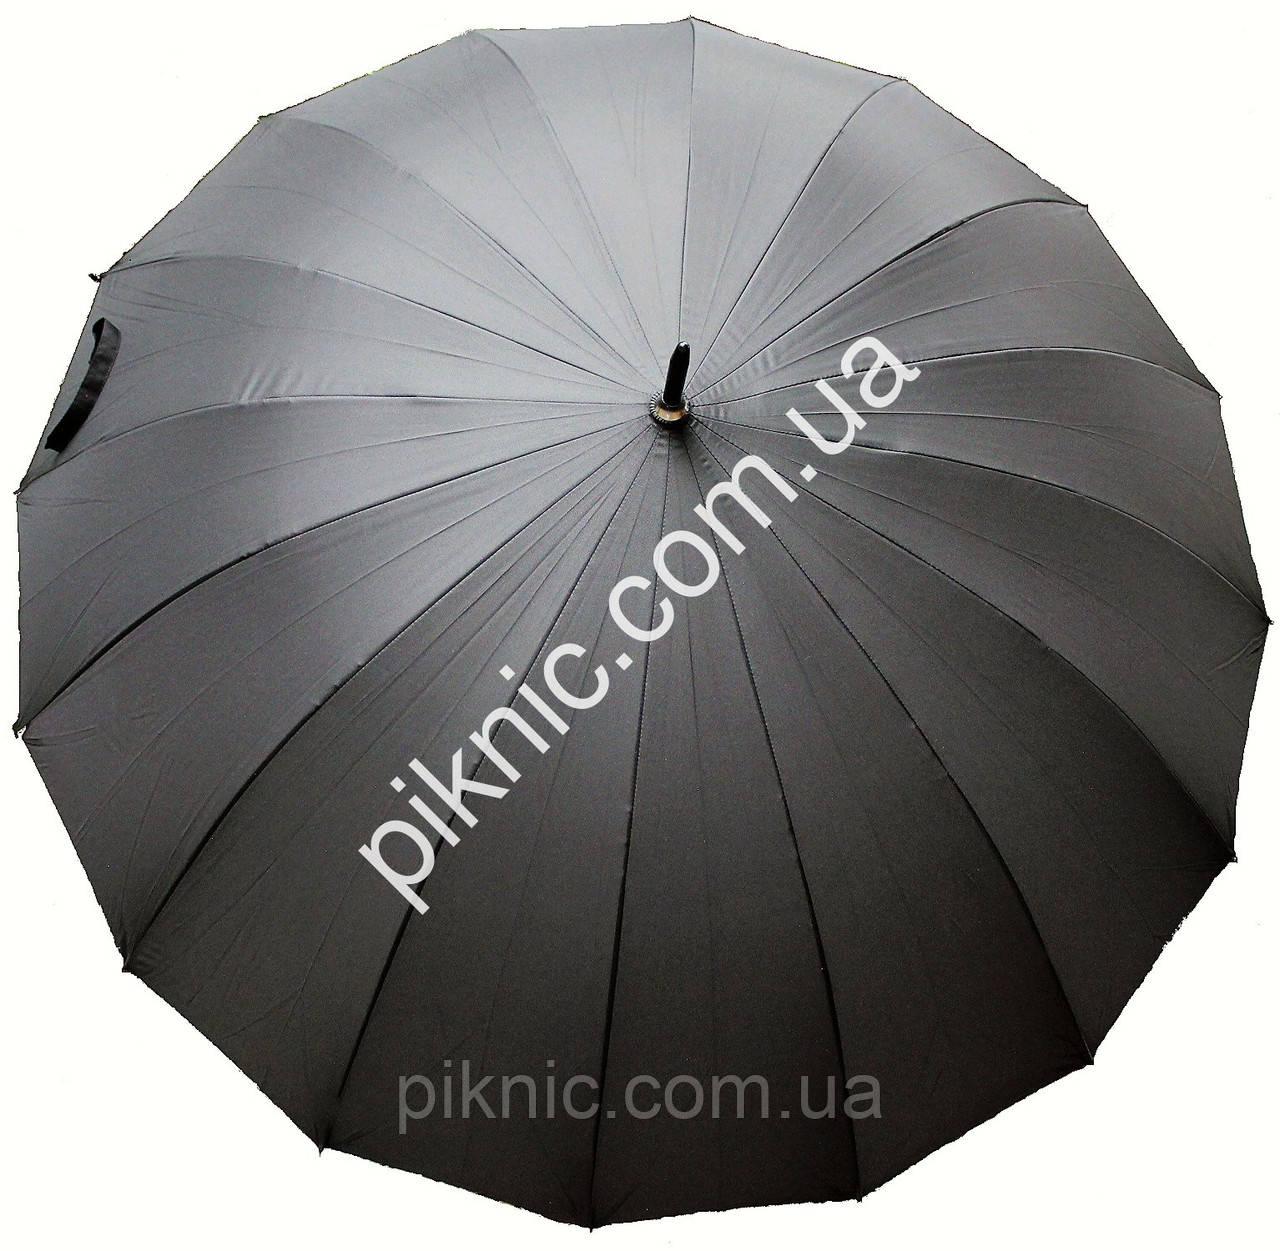 Зонт мужской семейный трость 16 спиц Антиветер диаметр купола 120 см Ручка прямая